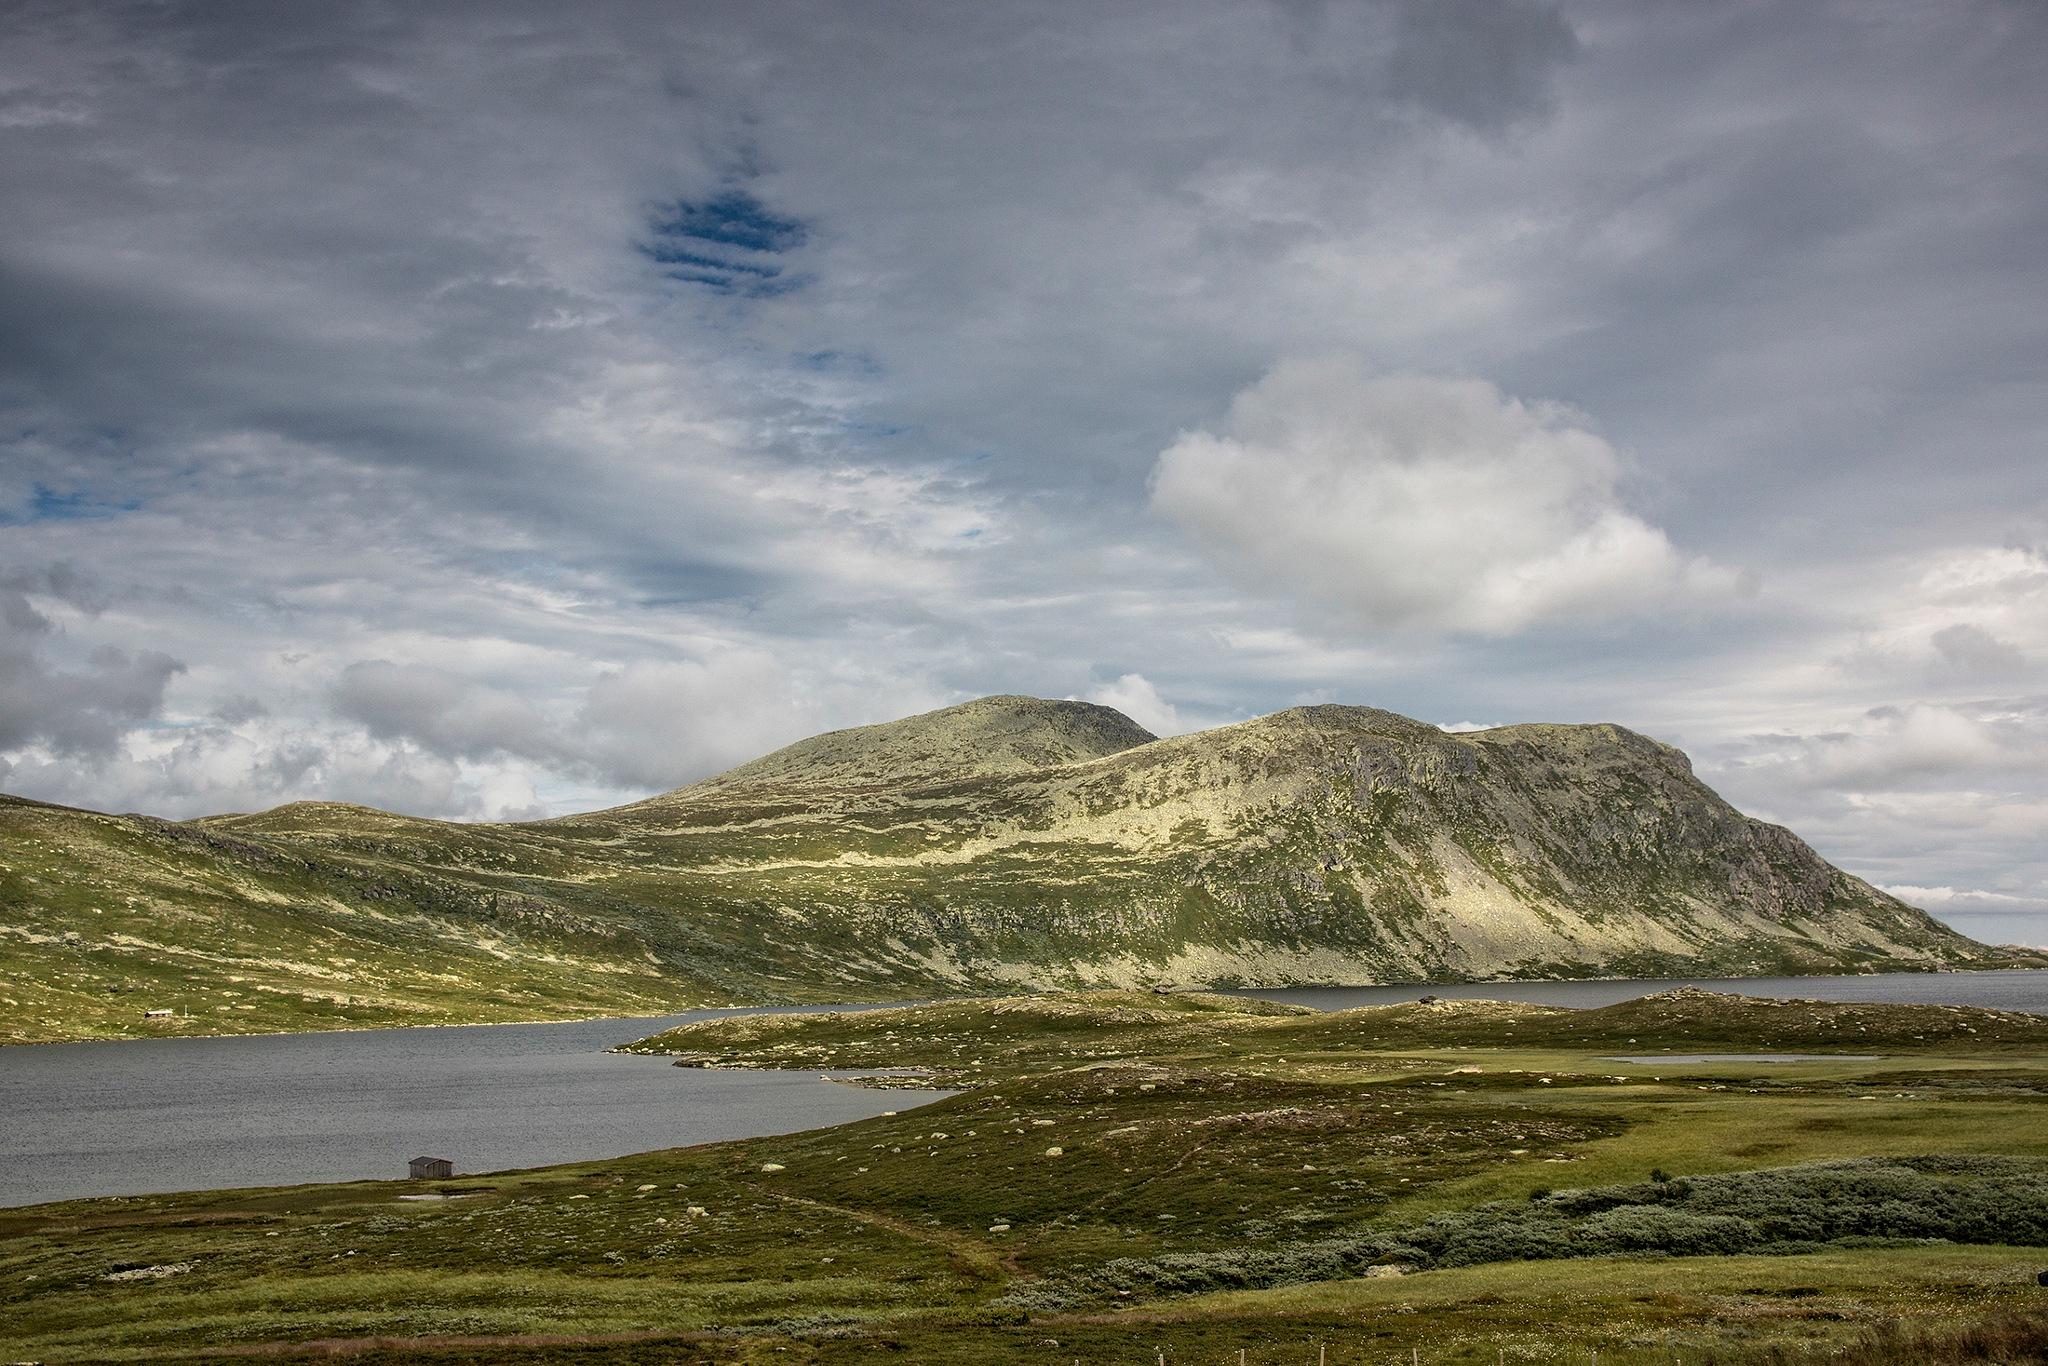 View on Heddensvatn by Wim Van De Meerendonk